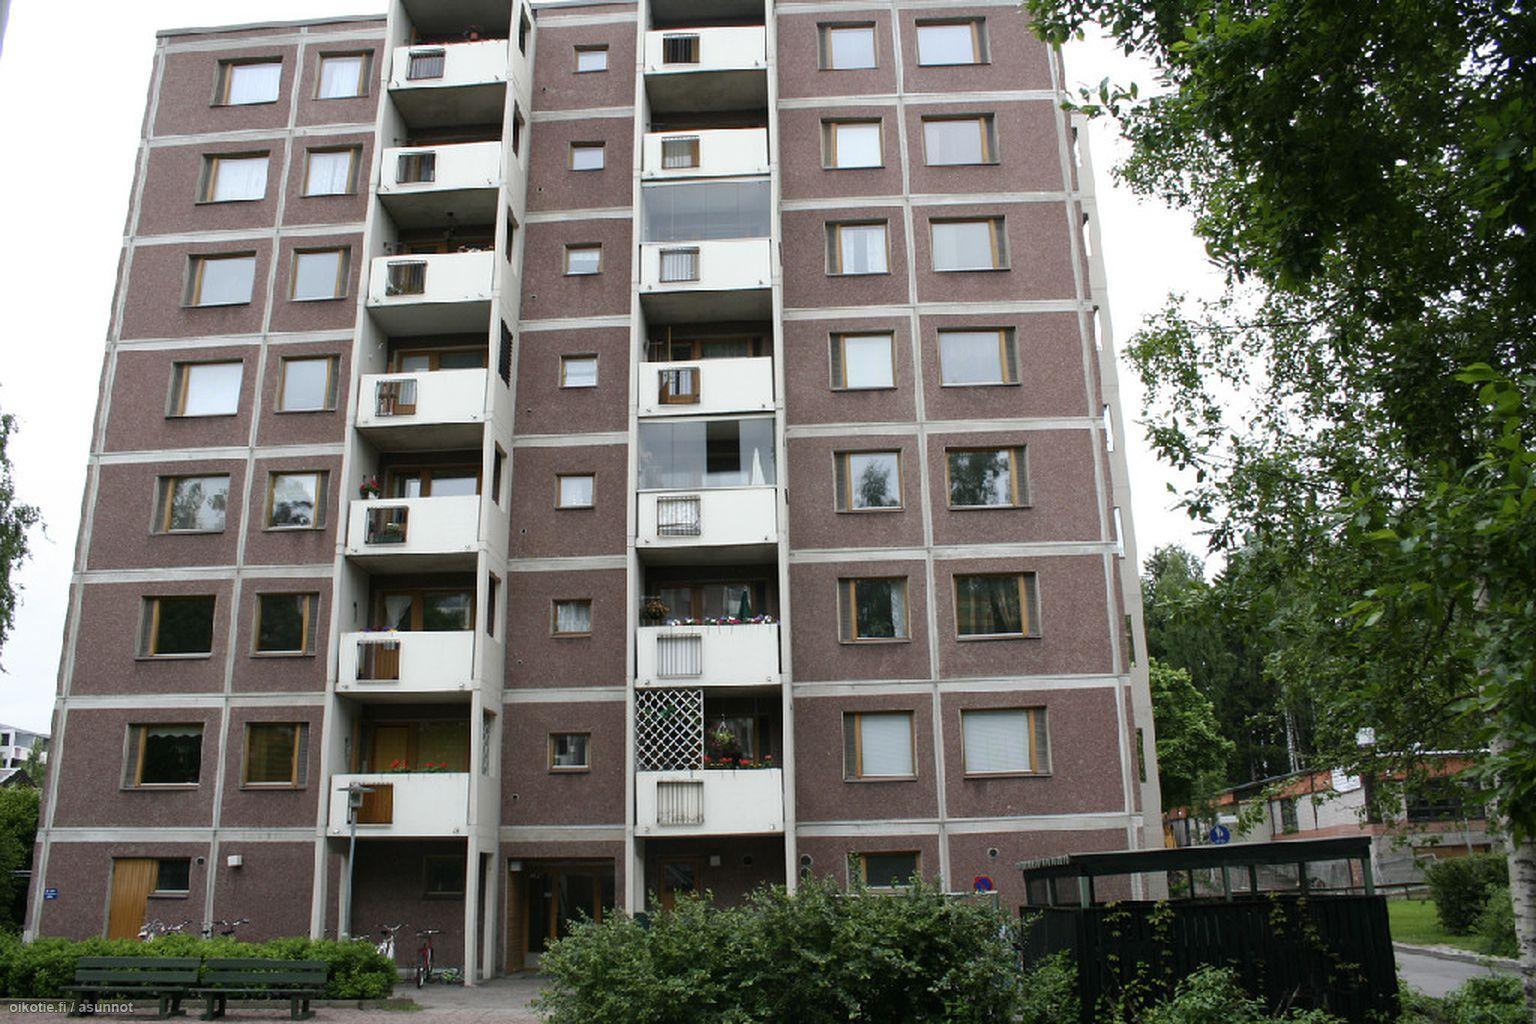 70,5 m² Lehmipolku 1 A, 01360 Vantaa Kerrostalo Kaksio vuokrattavana - Oikotie 13074705